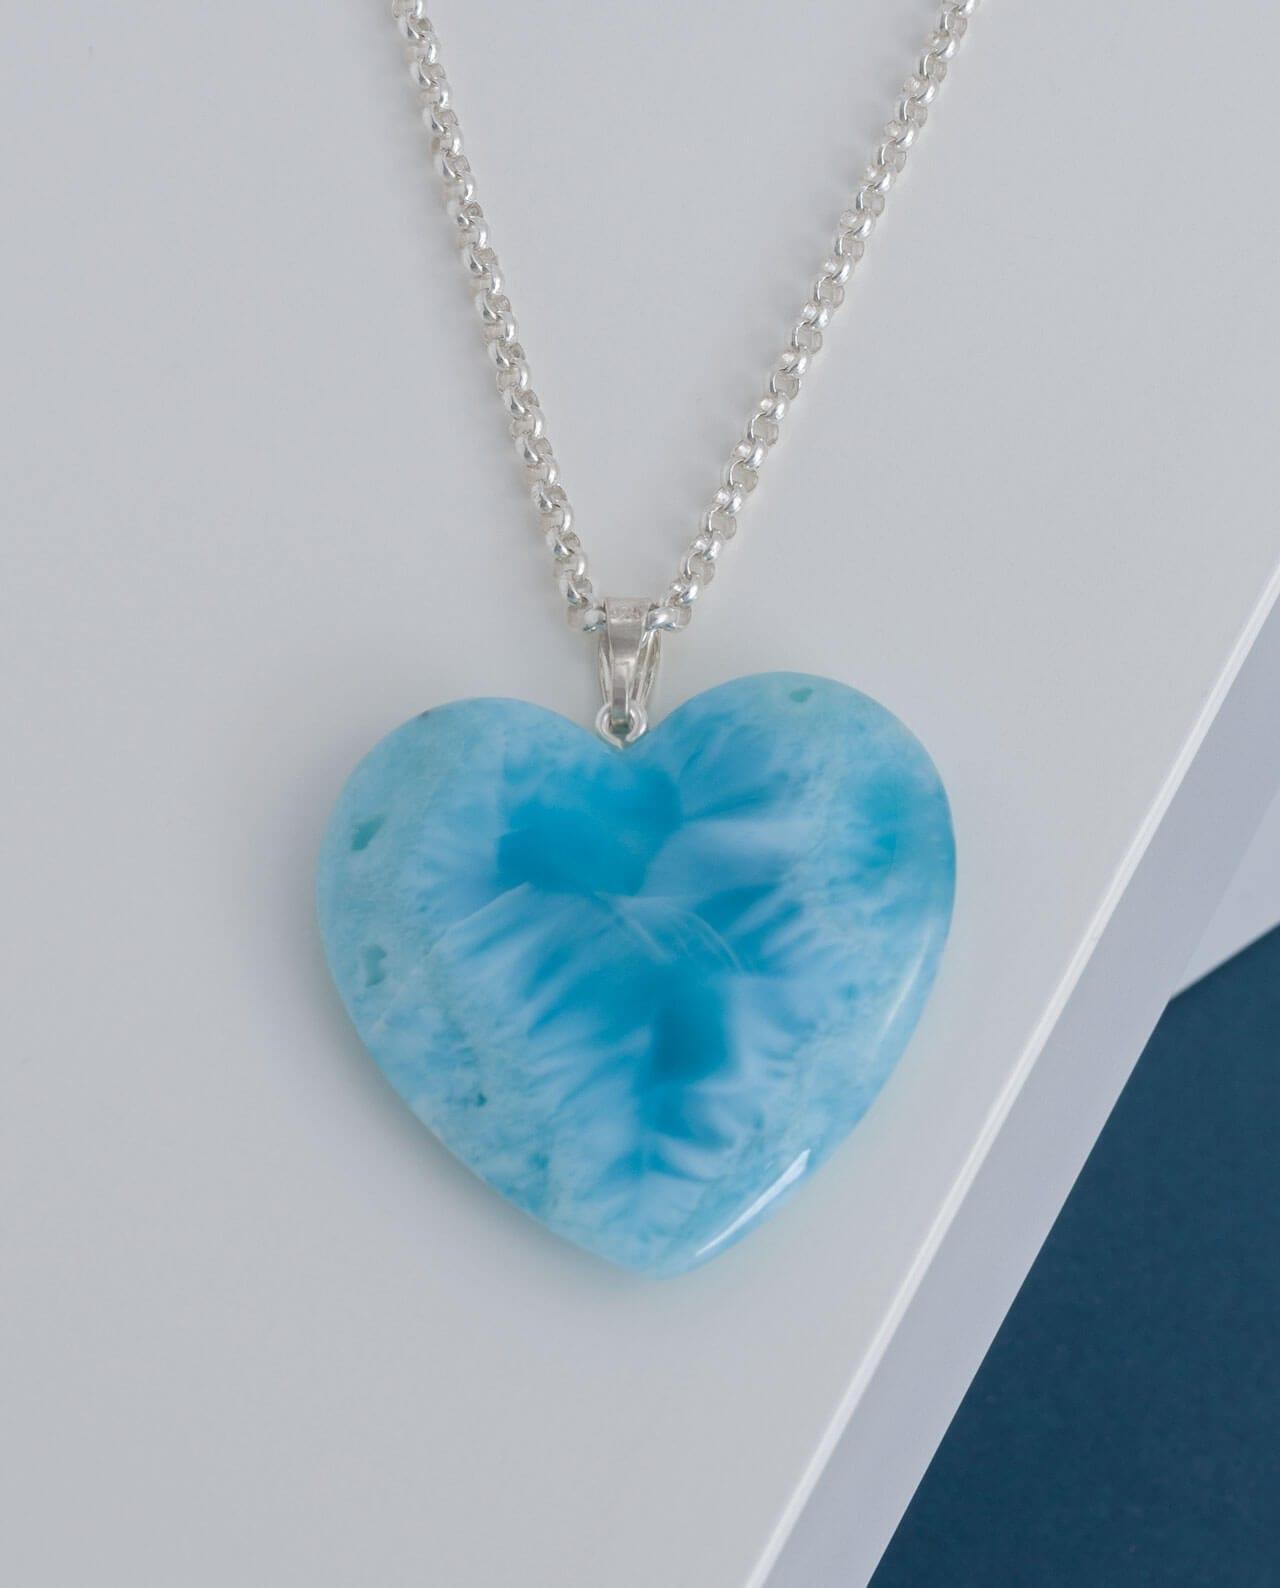 CONLIGHT Larimar Herz Anhaenger Silber Premium